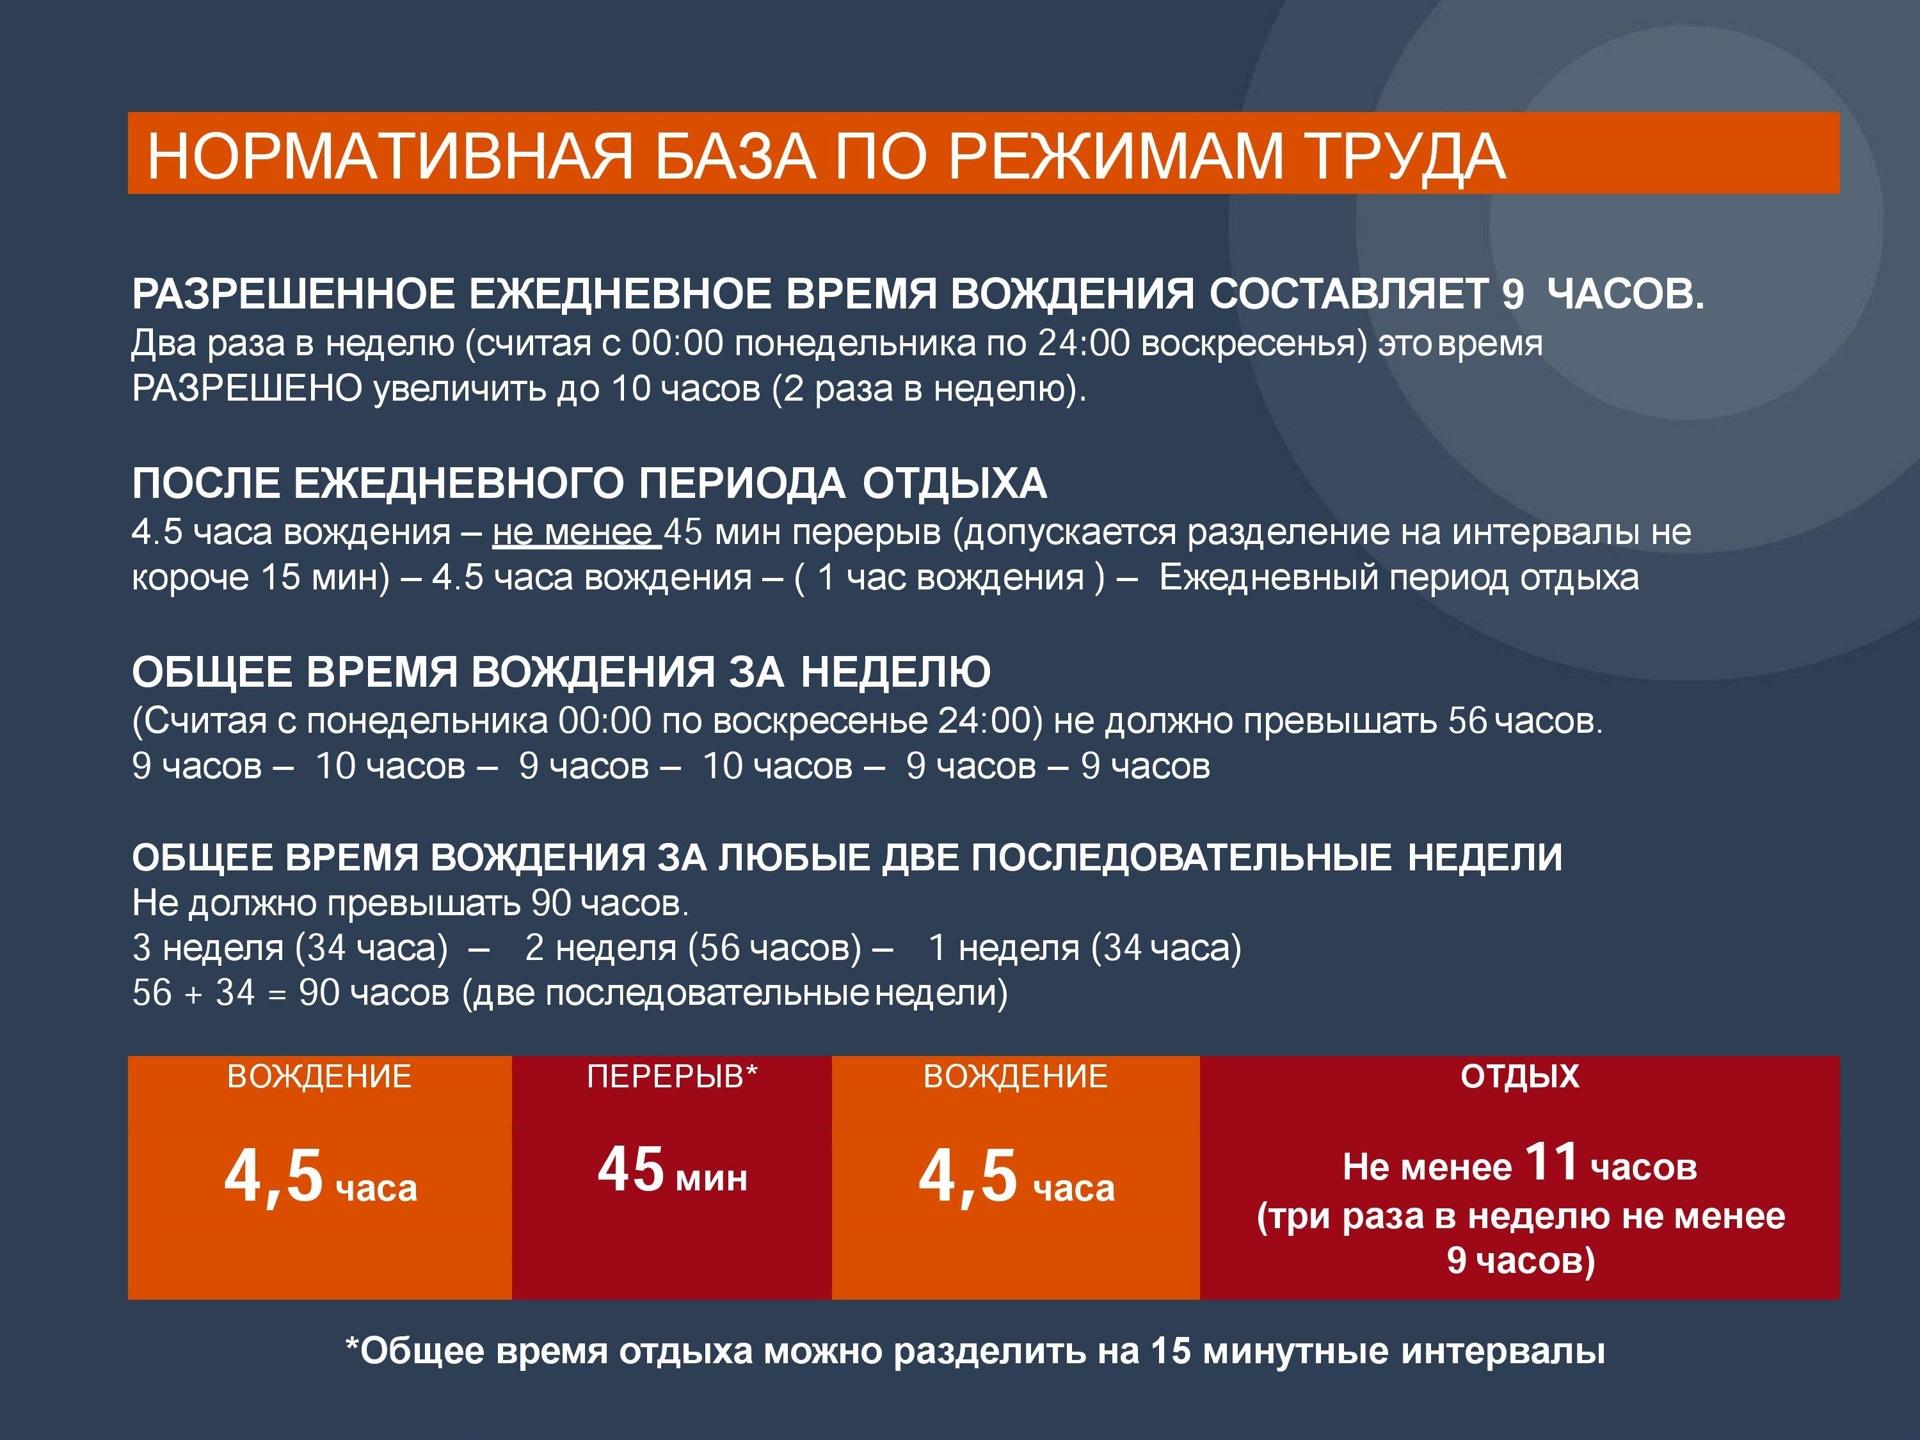 Представление прокурора о нарушенях в градостроительстве ростова на дону